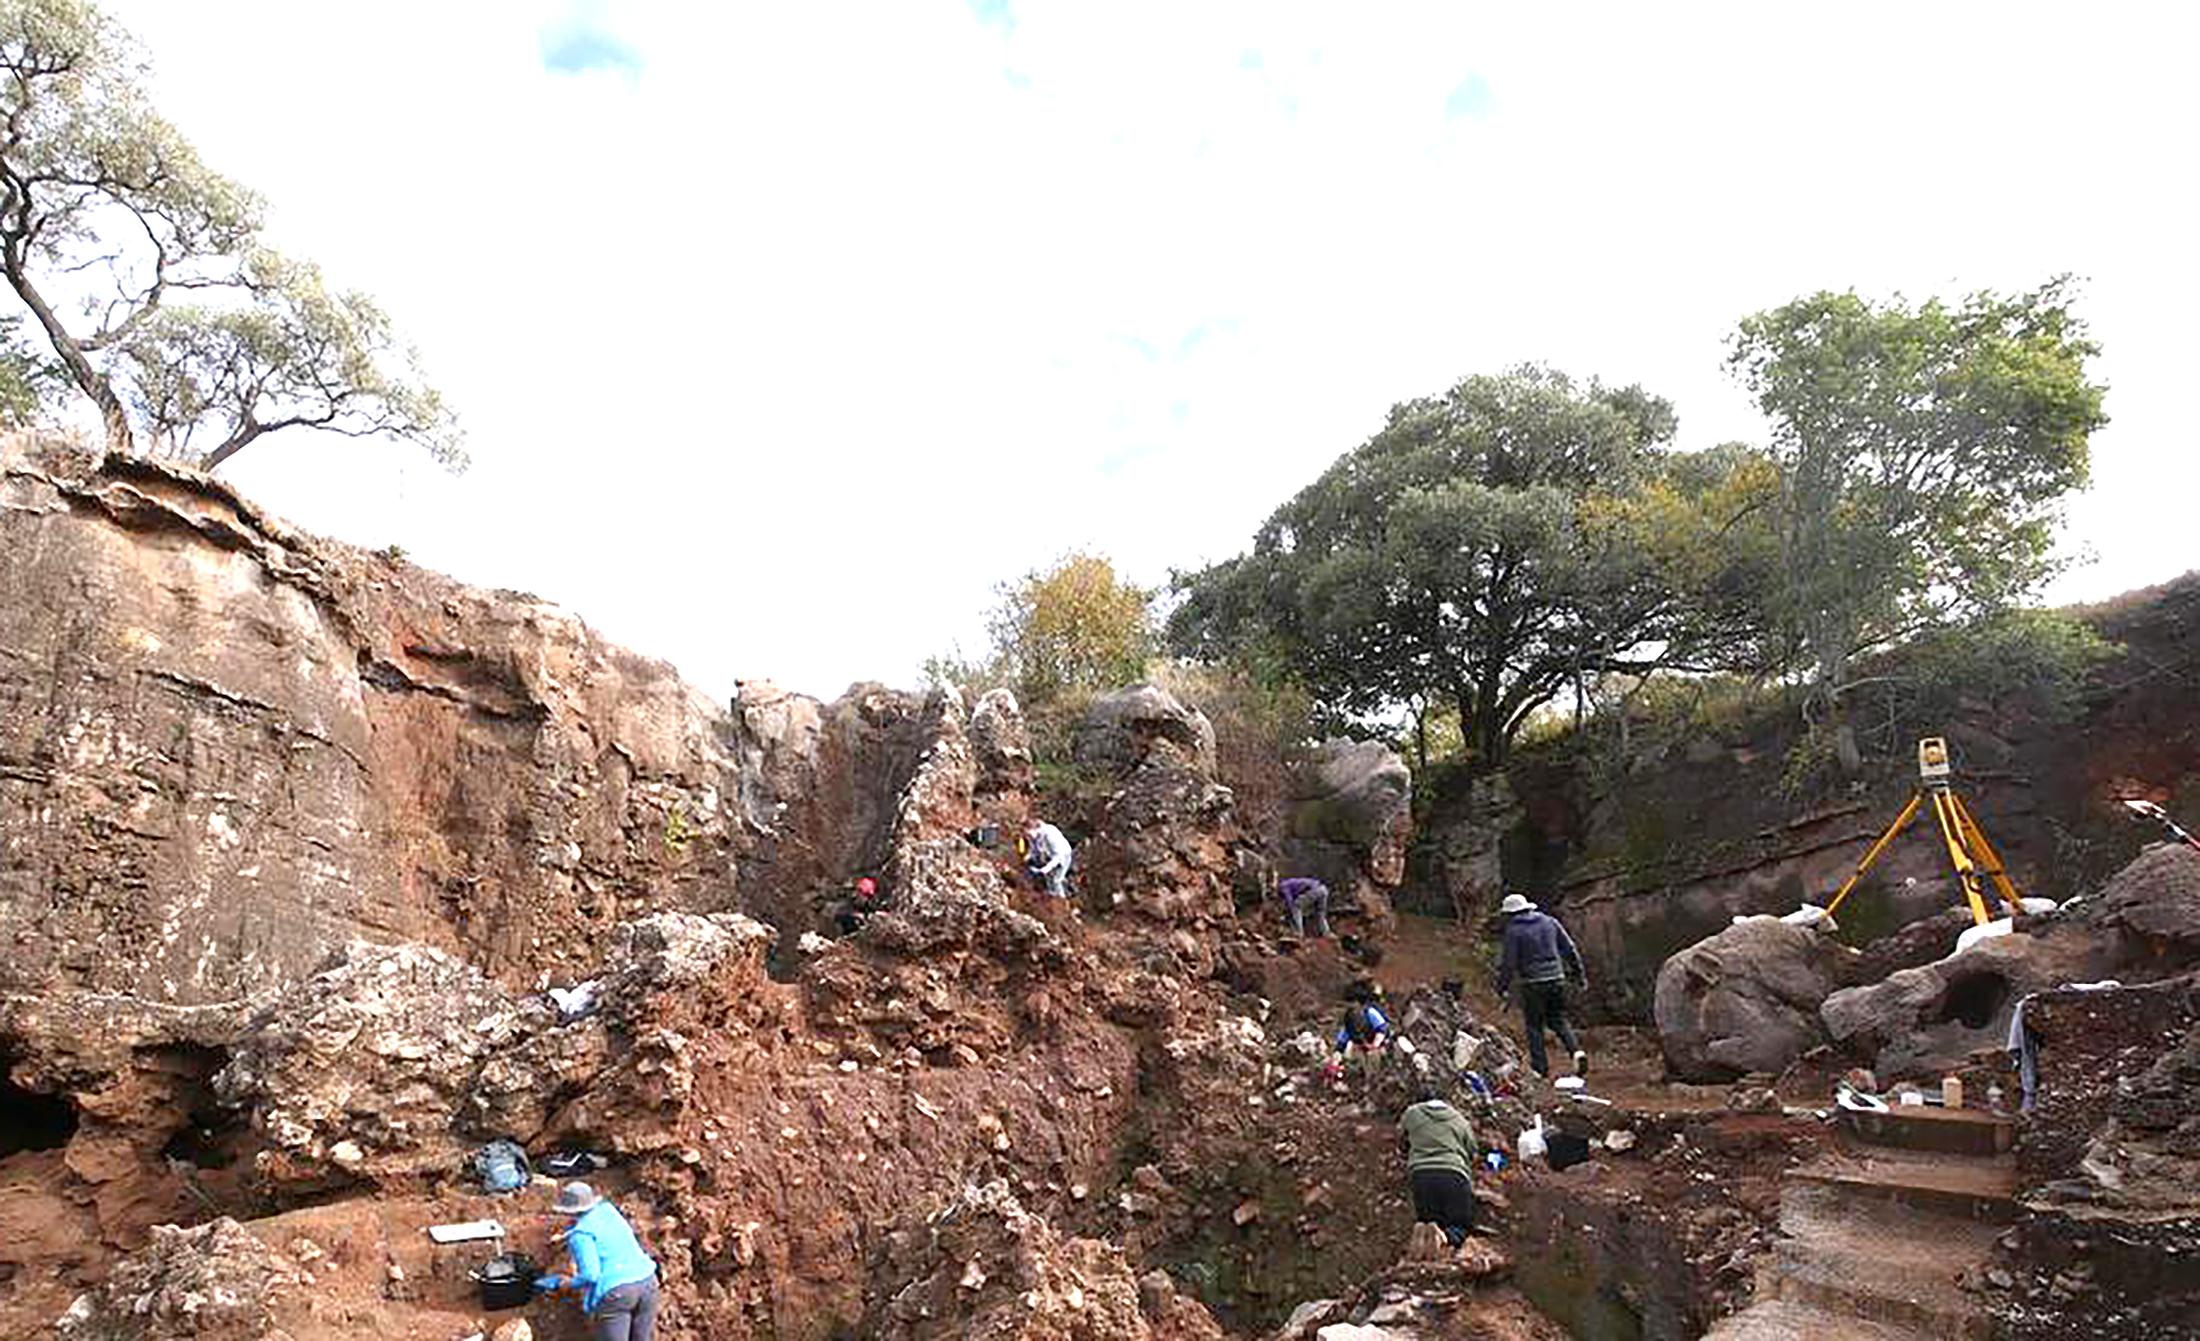 Lloc de la troballa, jaciment de Drimolen (Johannesburg). Foto de la Trobe University